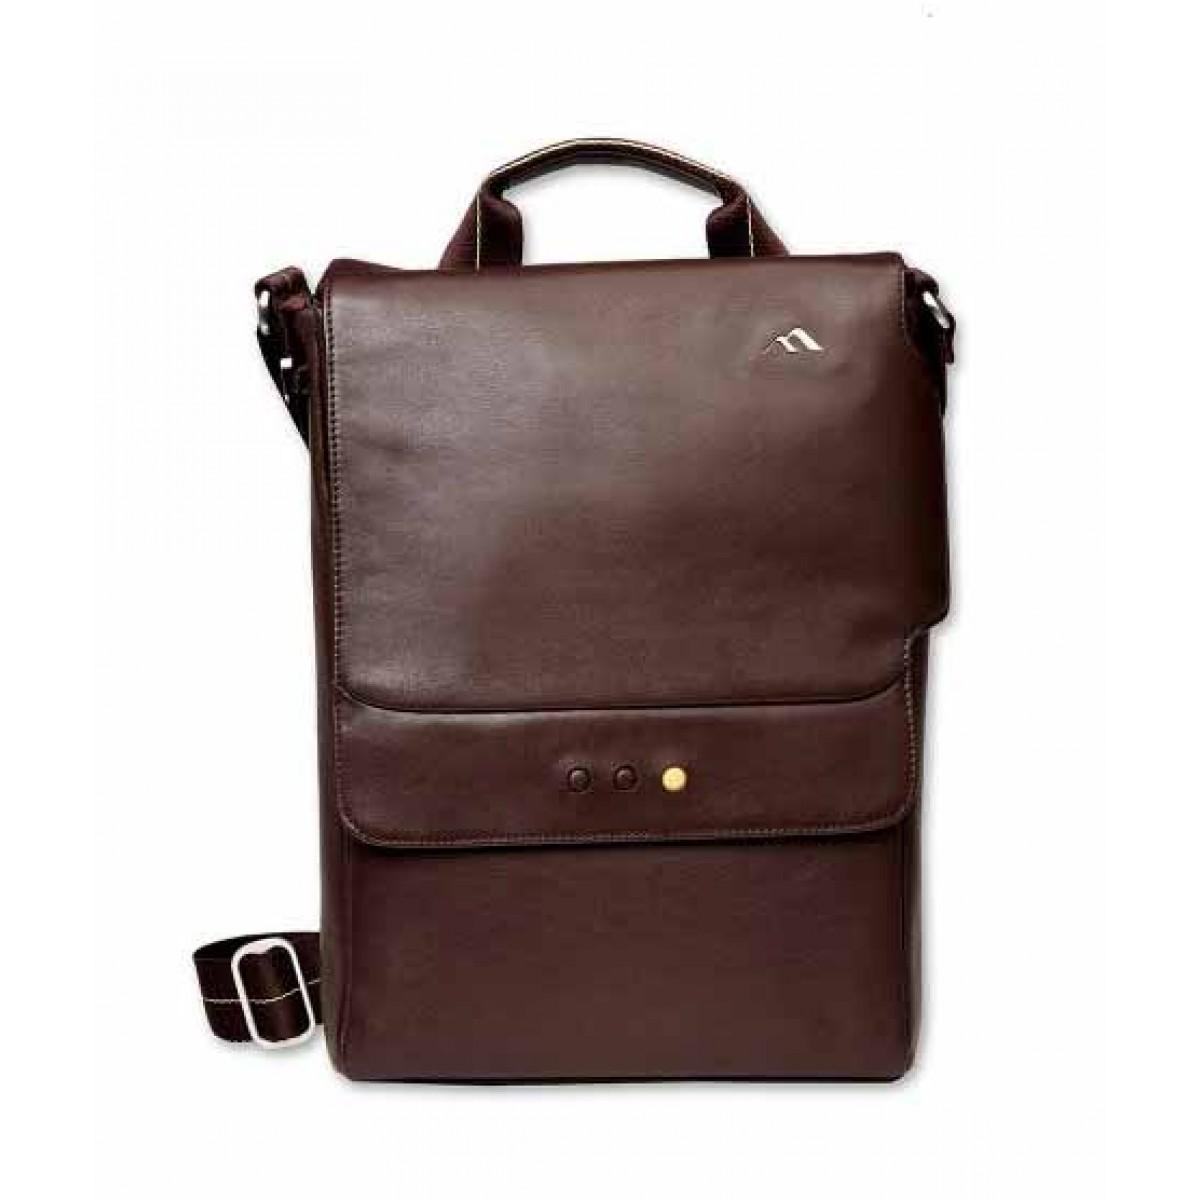 Brenthaven Mercer Vertical Messenger Bag for 13-inch MacBook Pro Leather (2324)